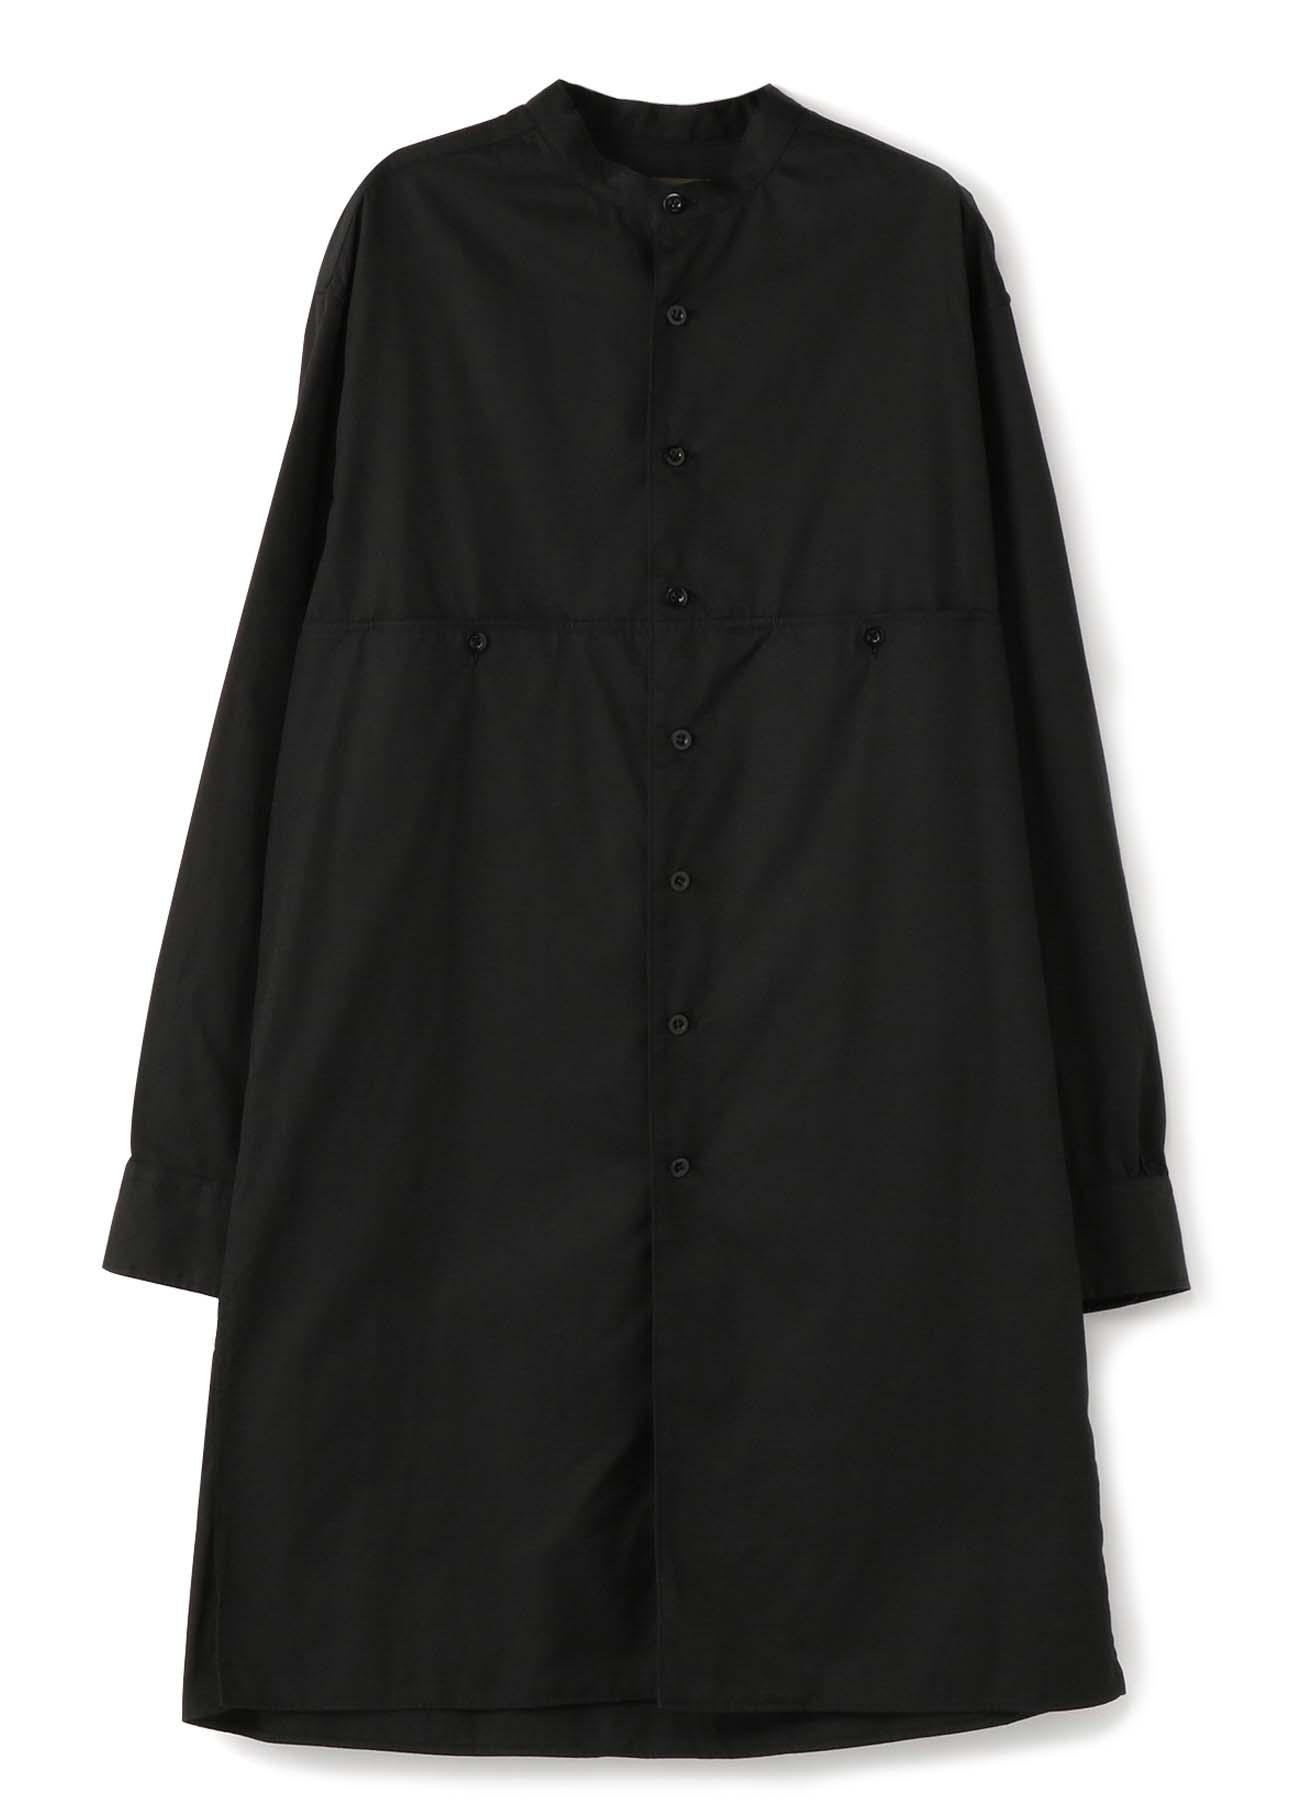 No.16 切り替えスタンドカラーシャツ バーバリー